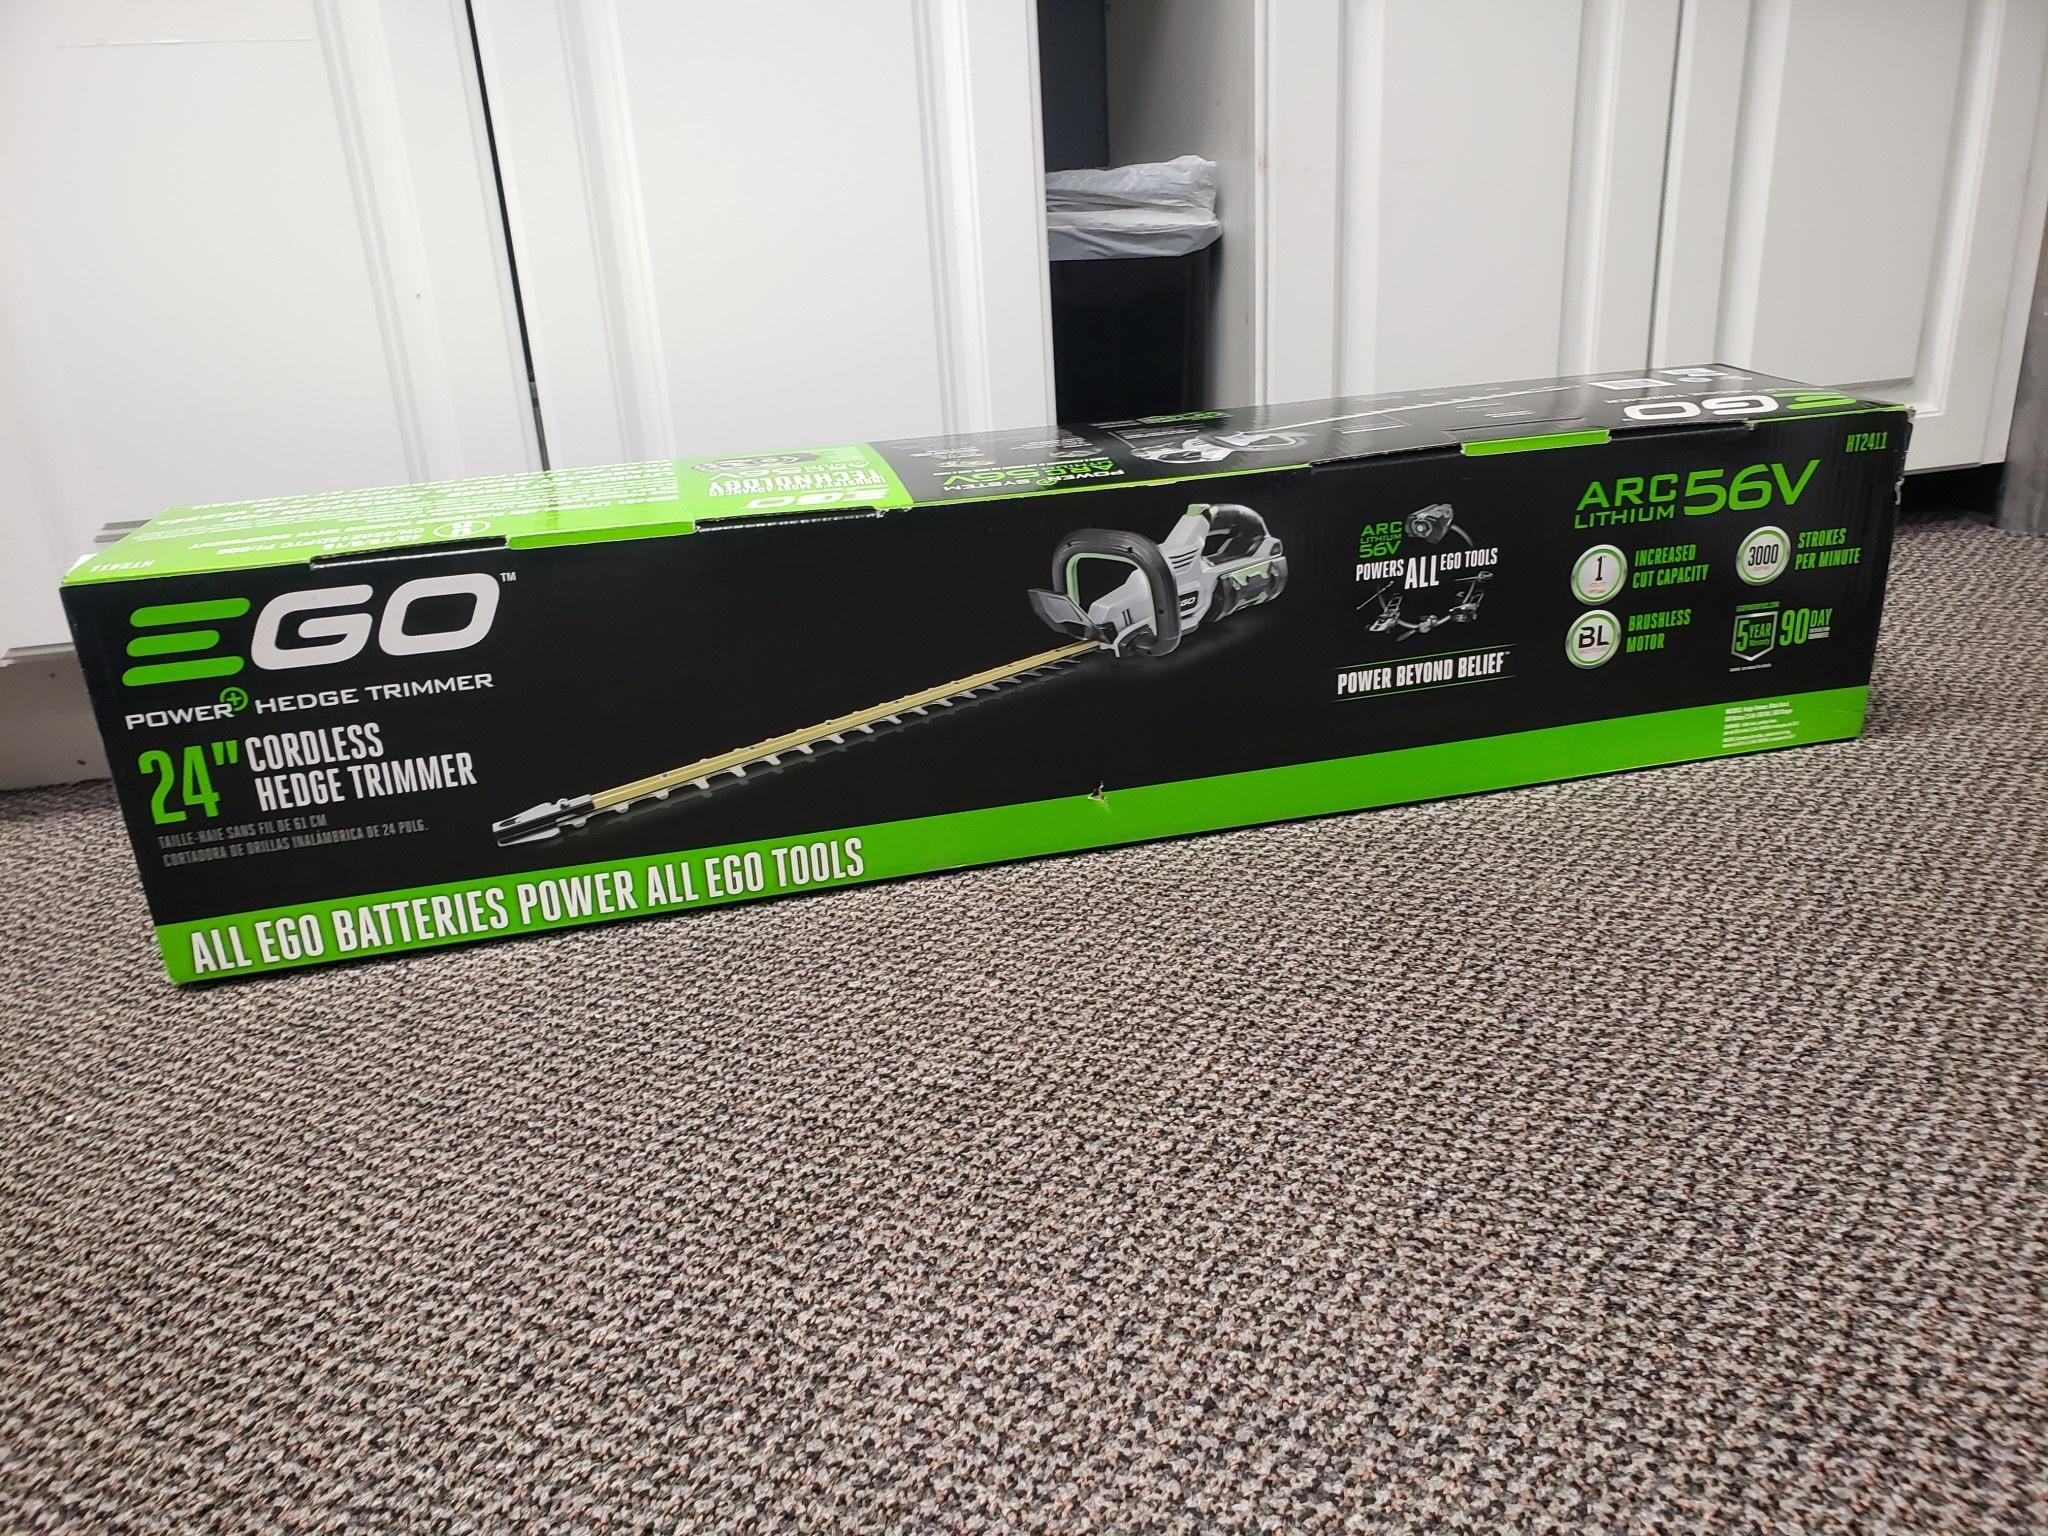 """EGO 56V Electric Cordless 24"""" Brushless Hedge Trimmer Kit - ht2411 - New"""